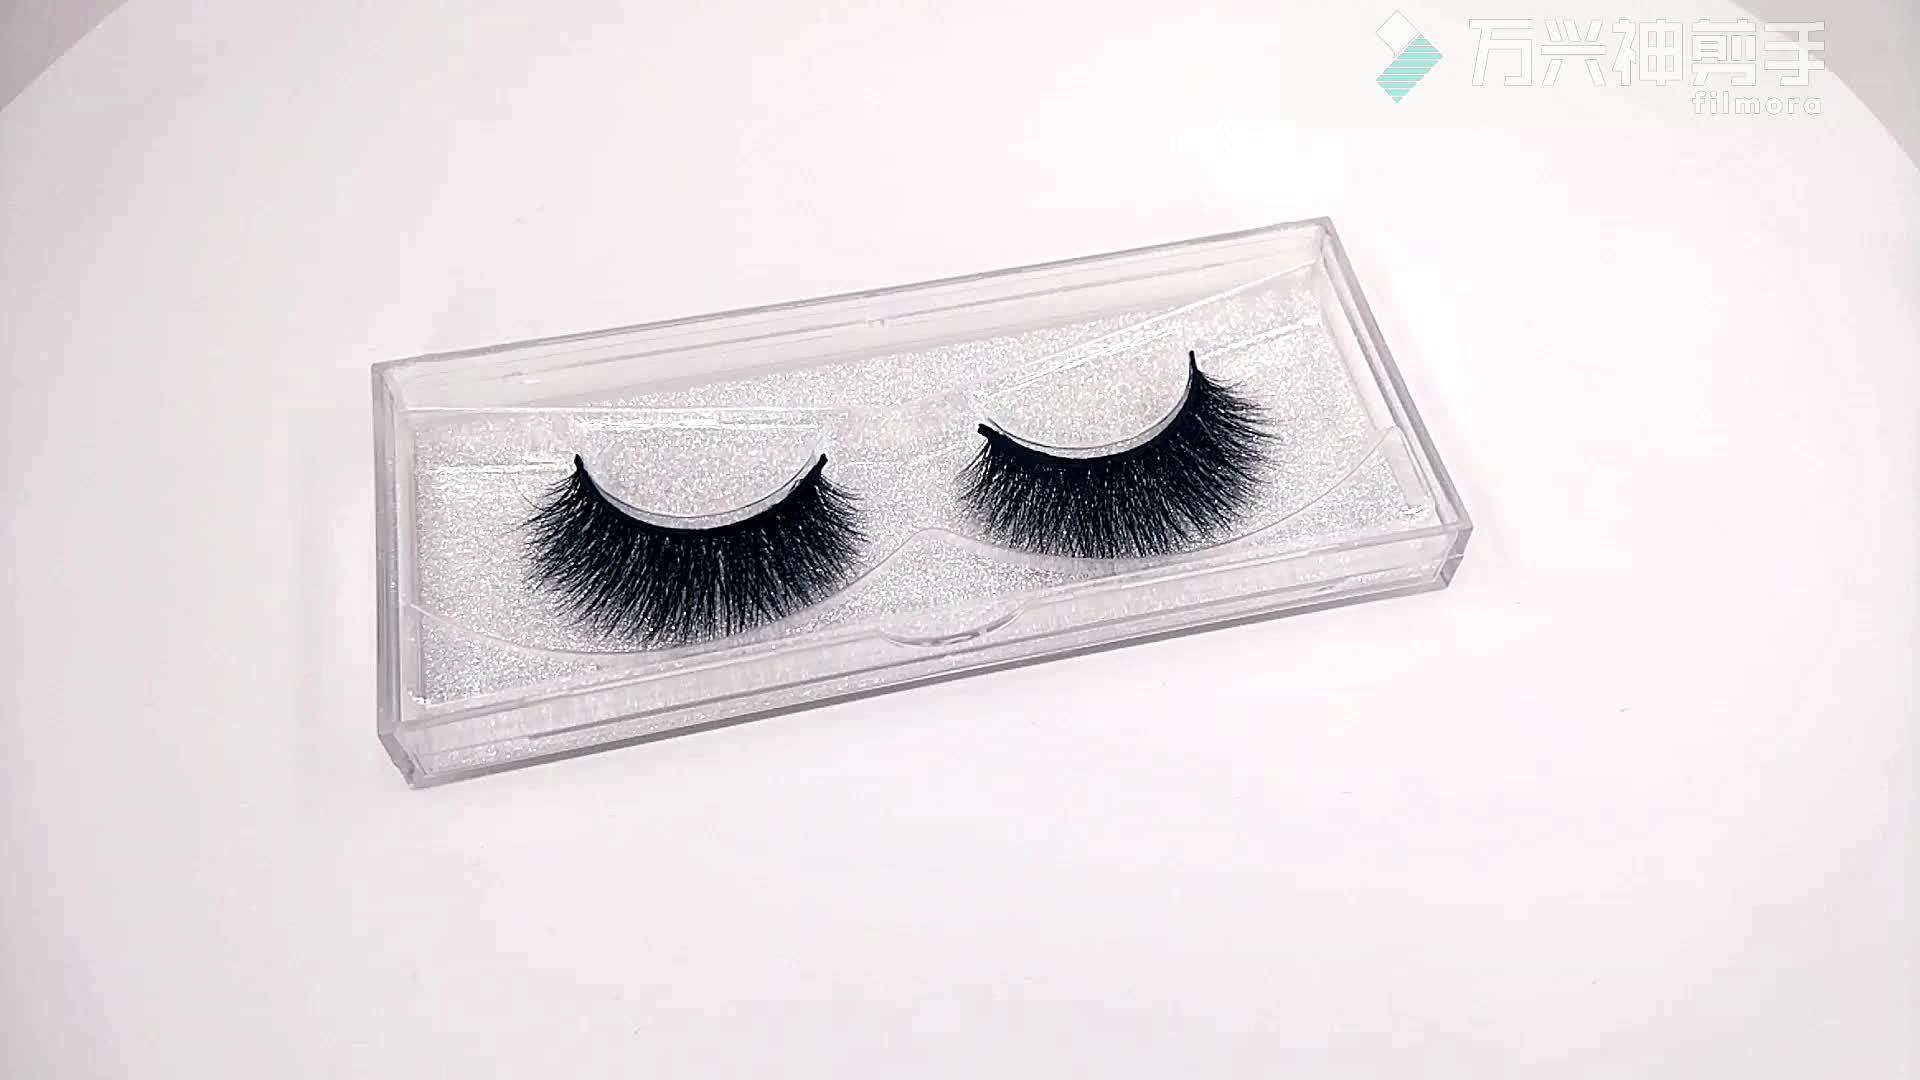 100% ยี่ห้อของตัวเองบรรจุภัณฑ์ 3D Soft Mink Strip ขนตา